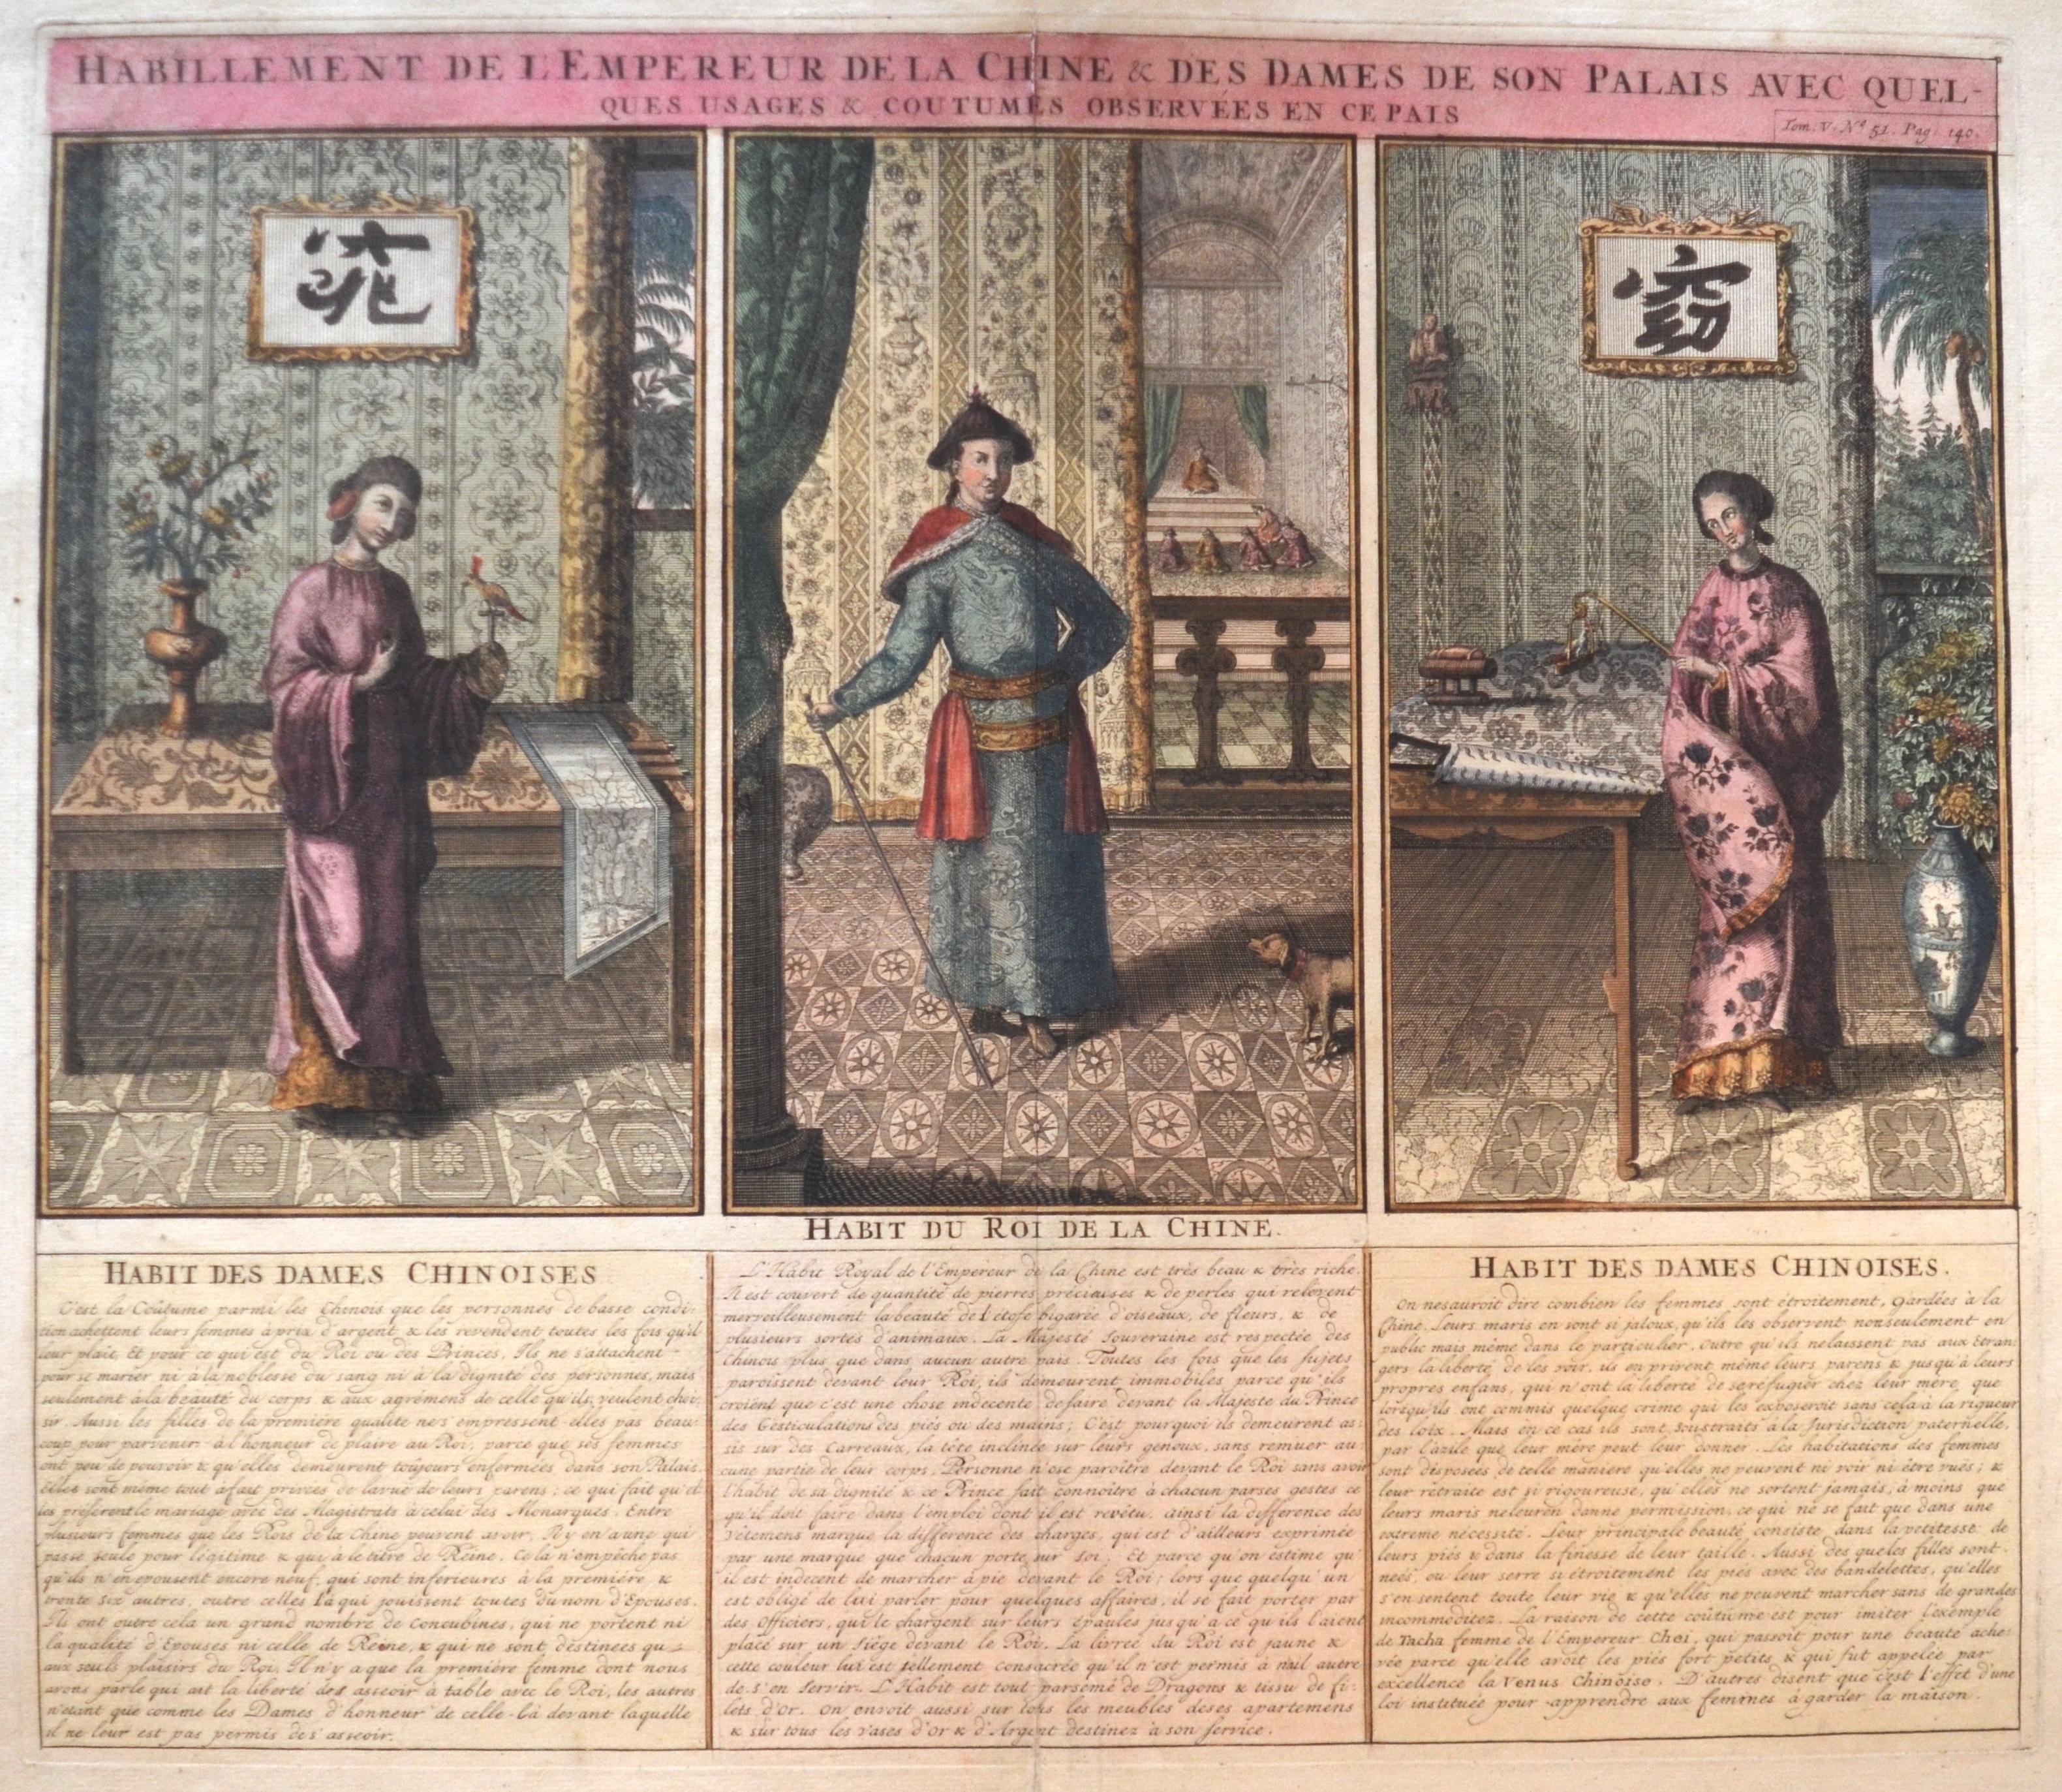 Chatelain Henri Abraham Habillement de l'Empereur de la Chine & des Dames de son Palais avec Quelques Usages & Coutumes observées en ce Pais